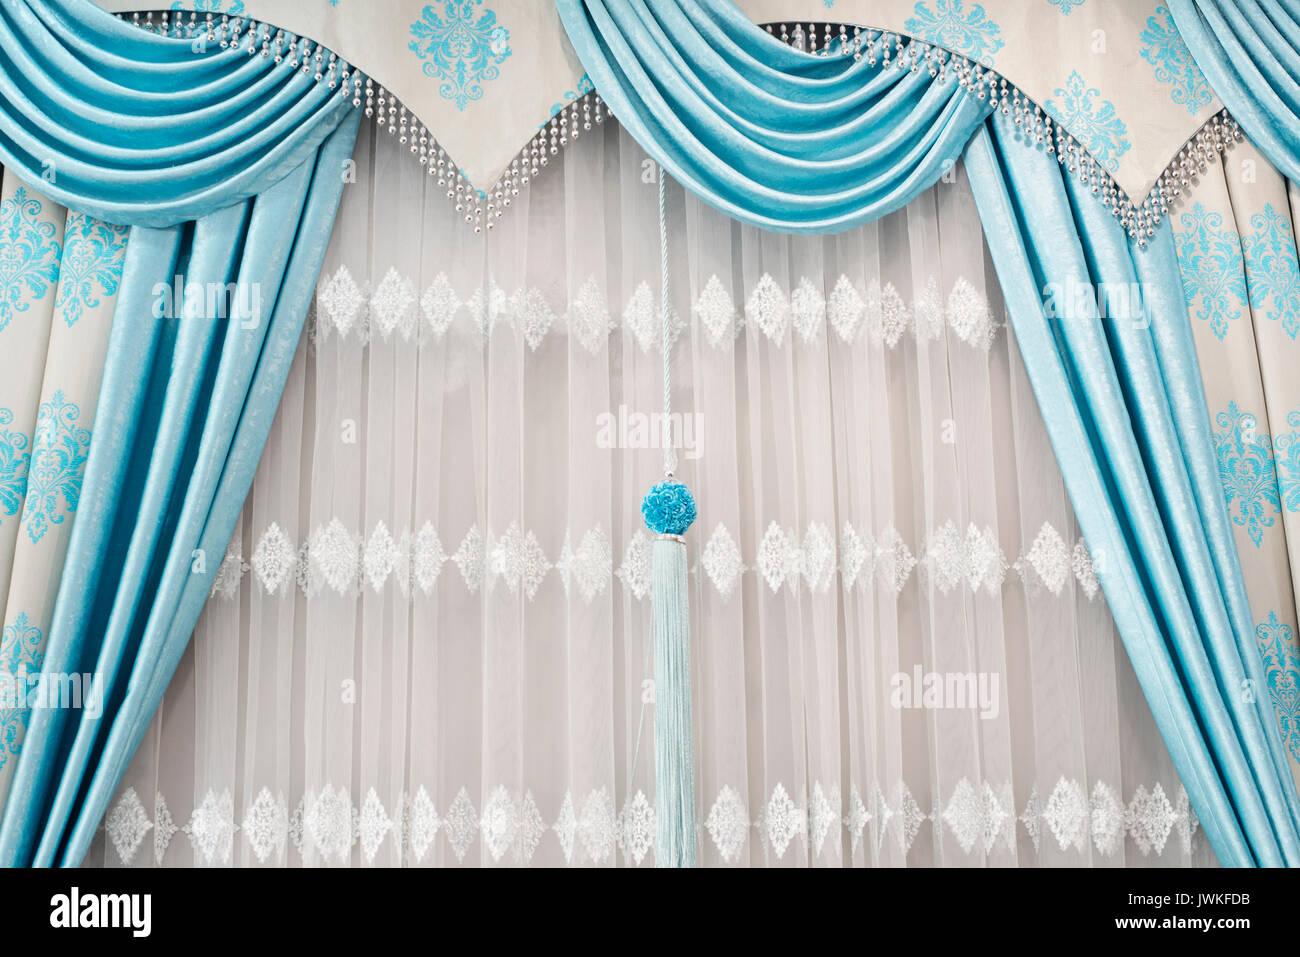 Partie de rideau drapé magnifiquement sur la fenêtre dans la chambre ...